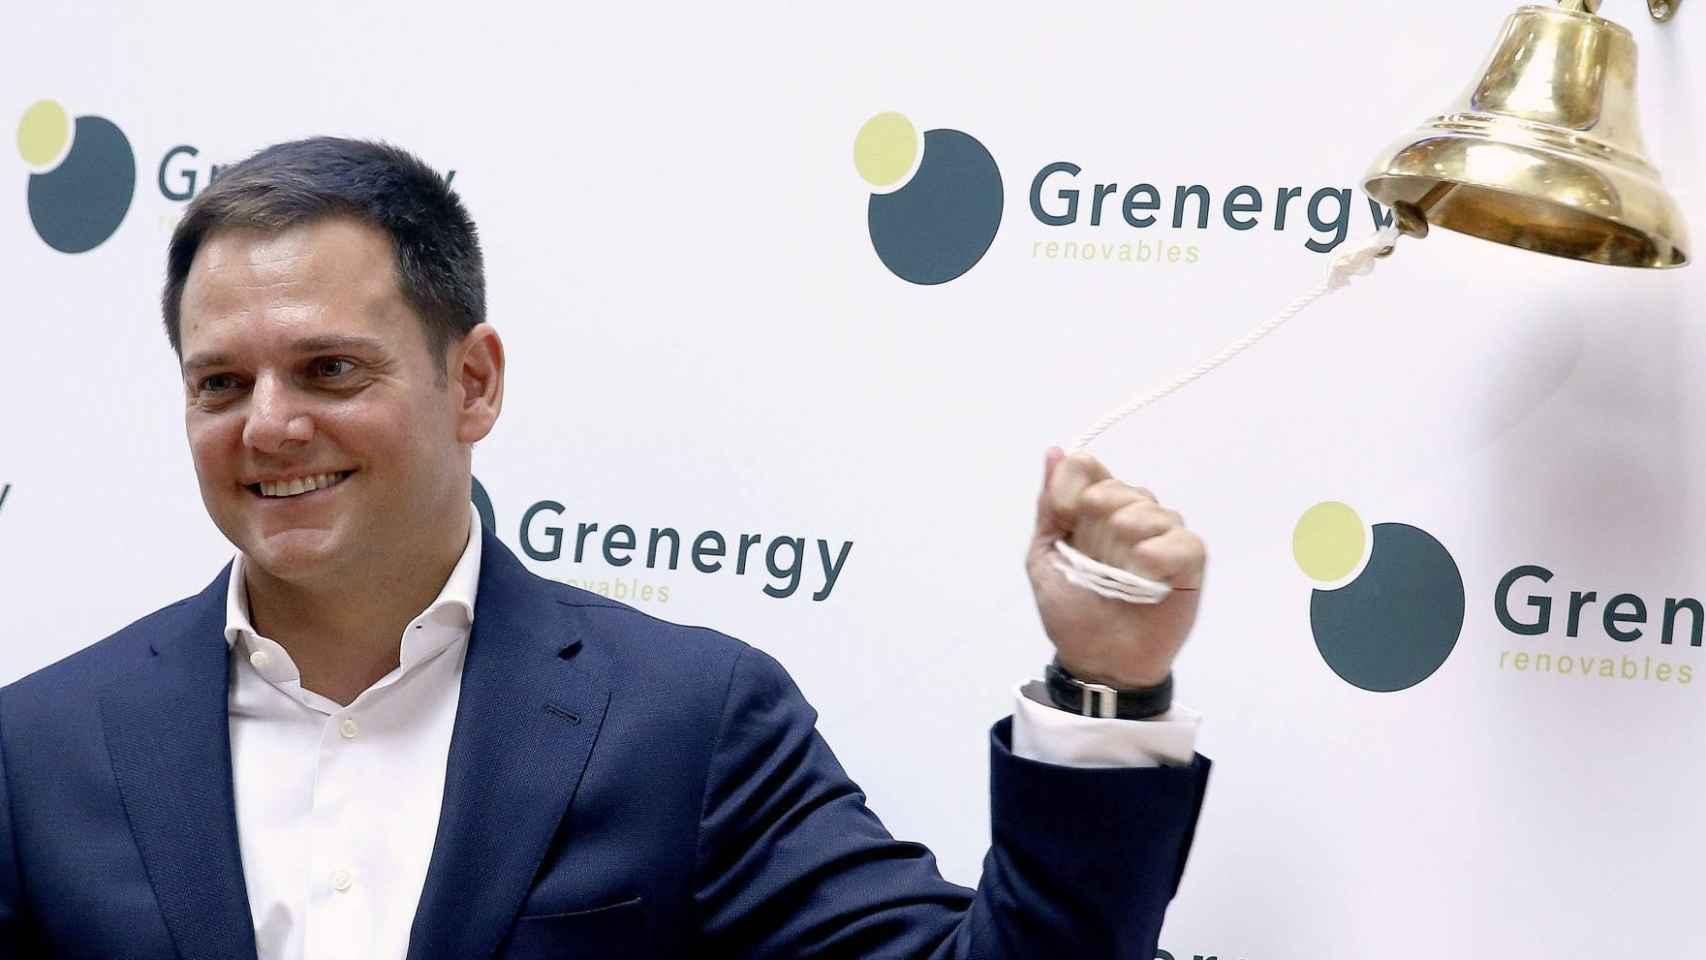 El consejero delegado de Grenergy en su estreno como cotizada.